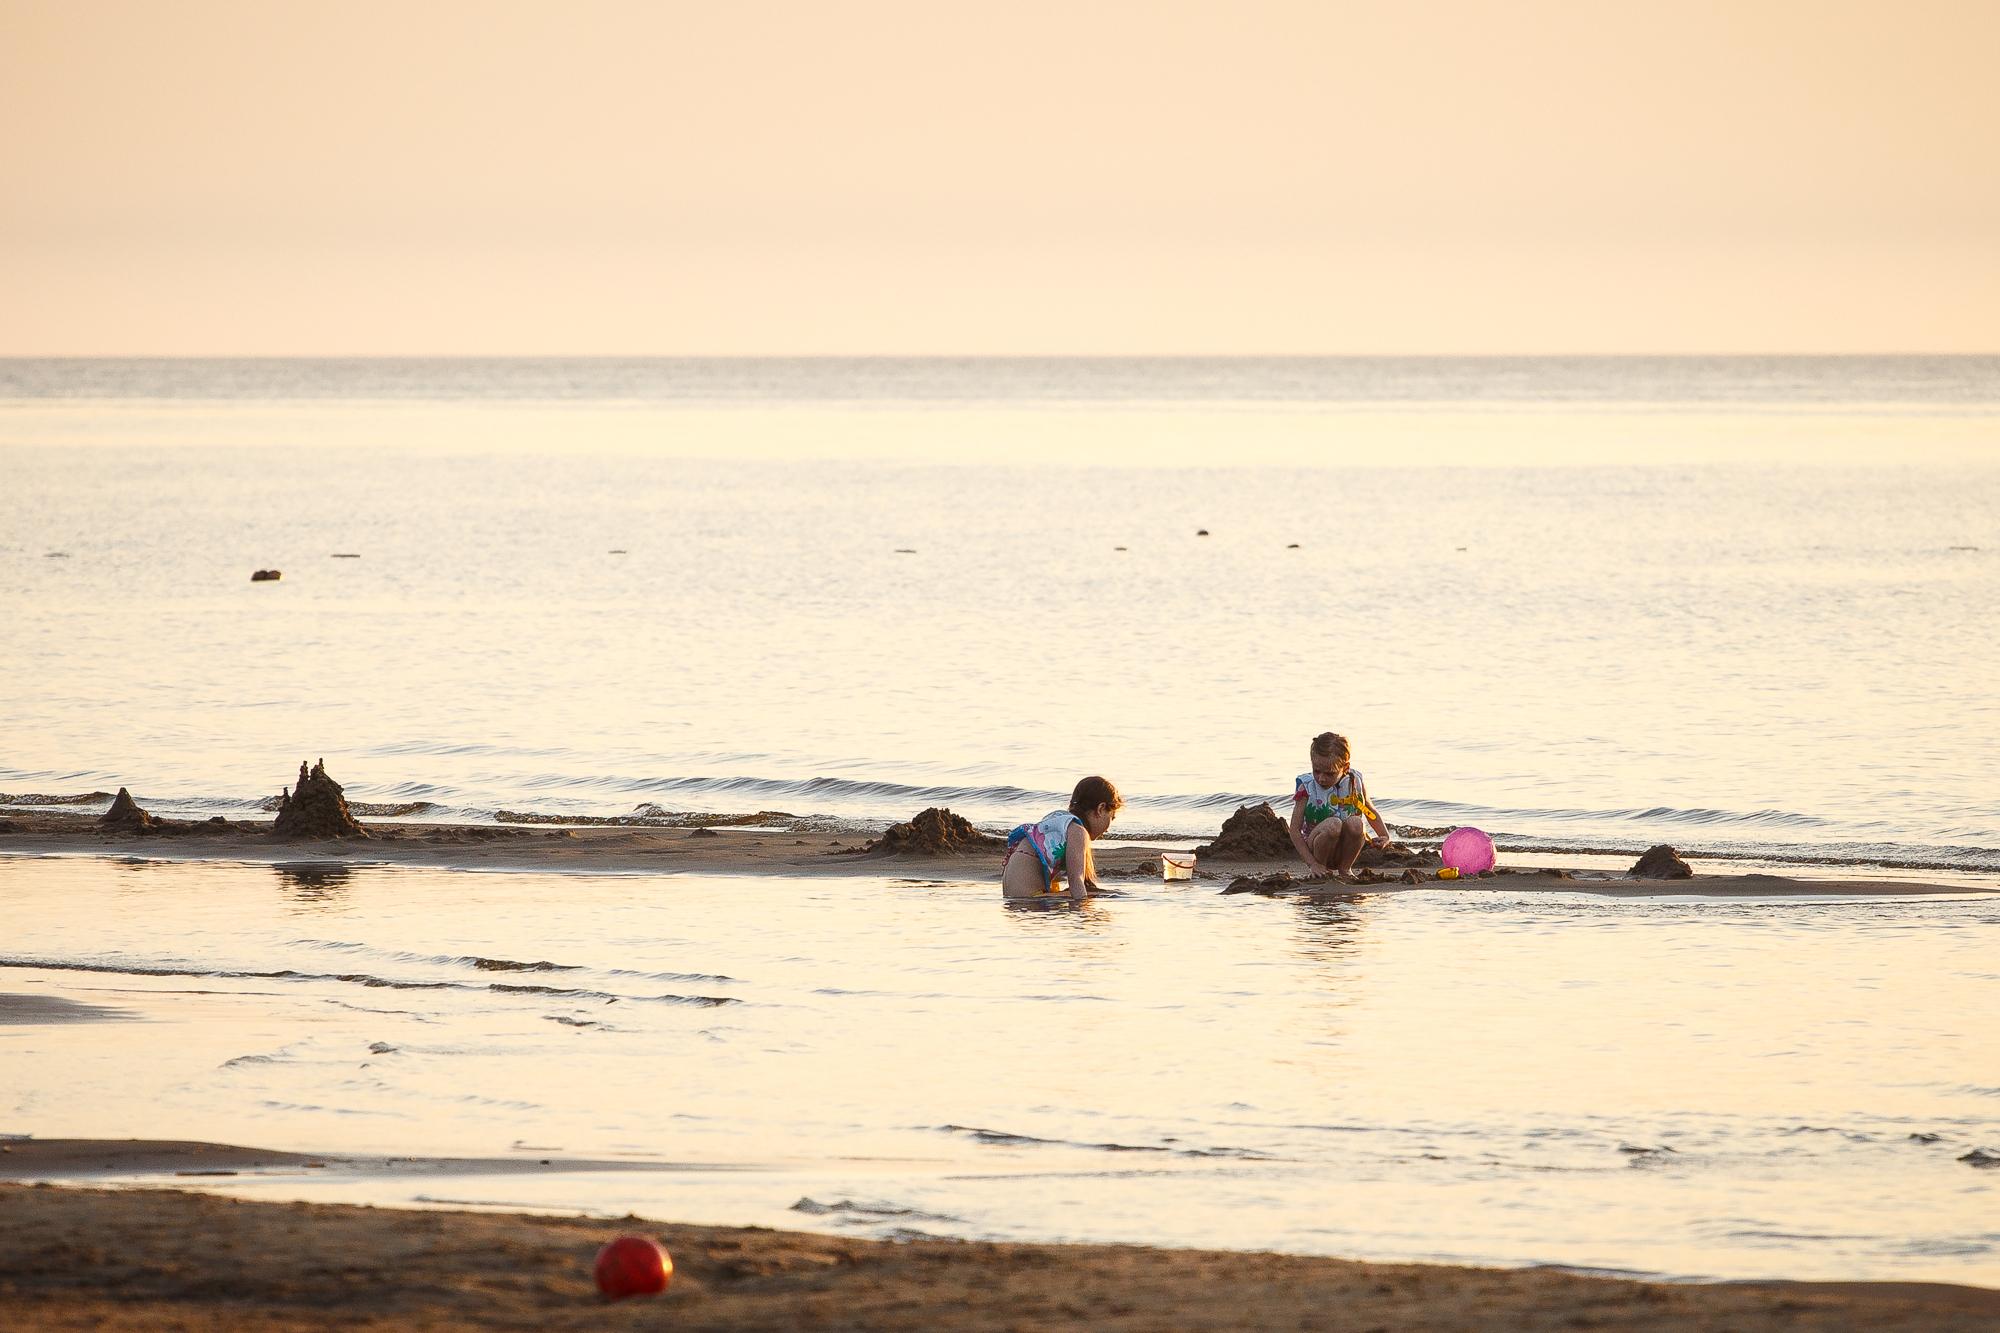 Playing At Sea Via @Atisgailis